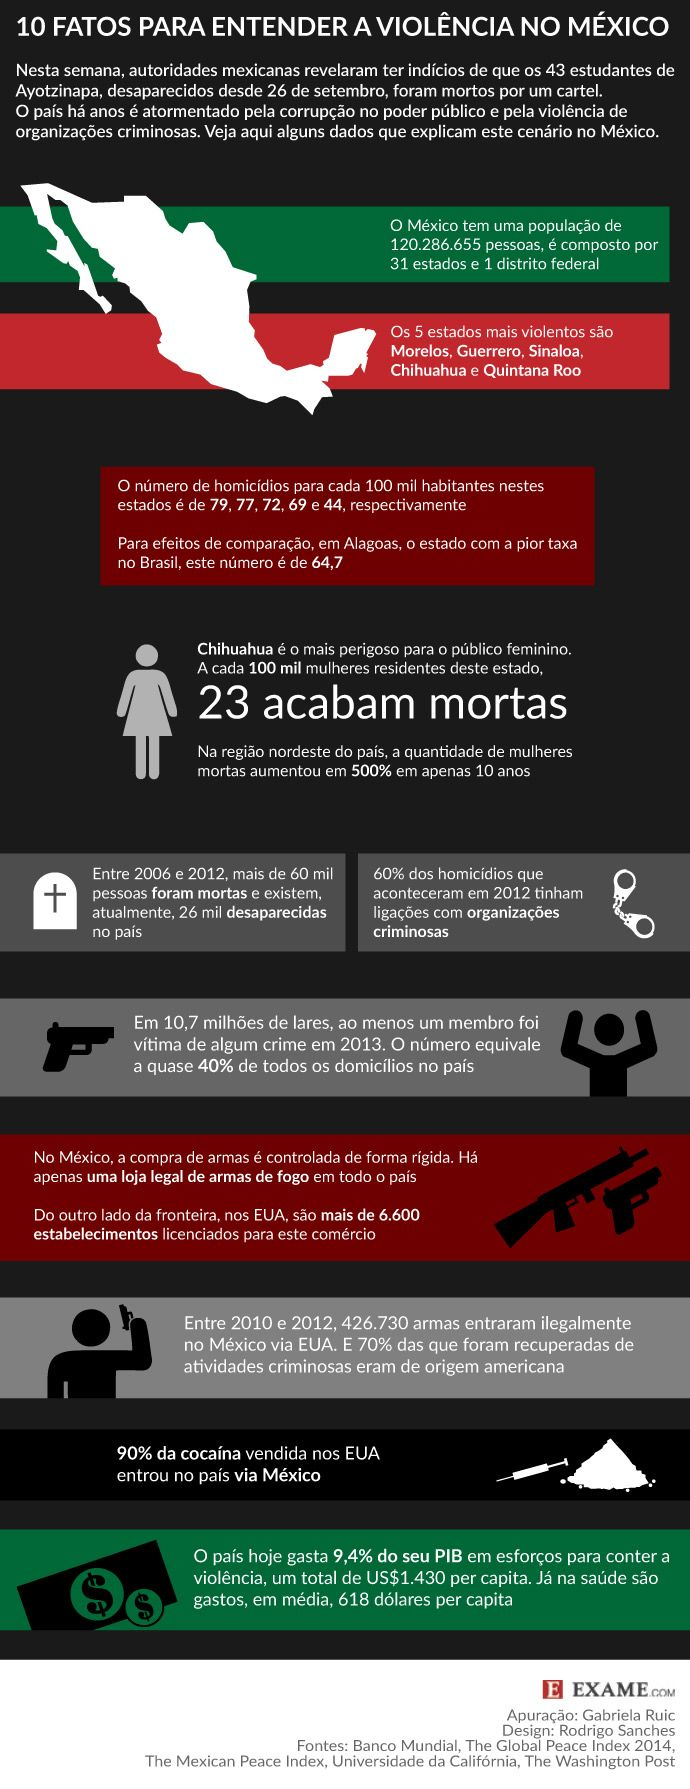 10 fatos para entender a violência no México   EXAME.com: http://exame.abril.com.br/mundo/noticias/10-fatos-para-entender-a-violencia-no-mexico